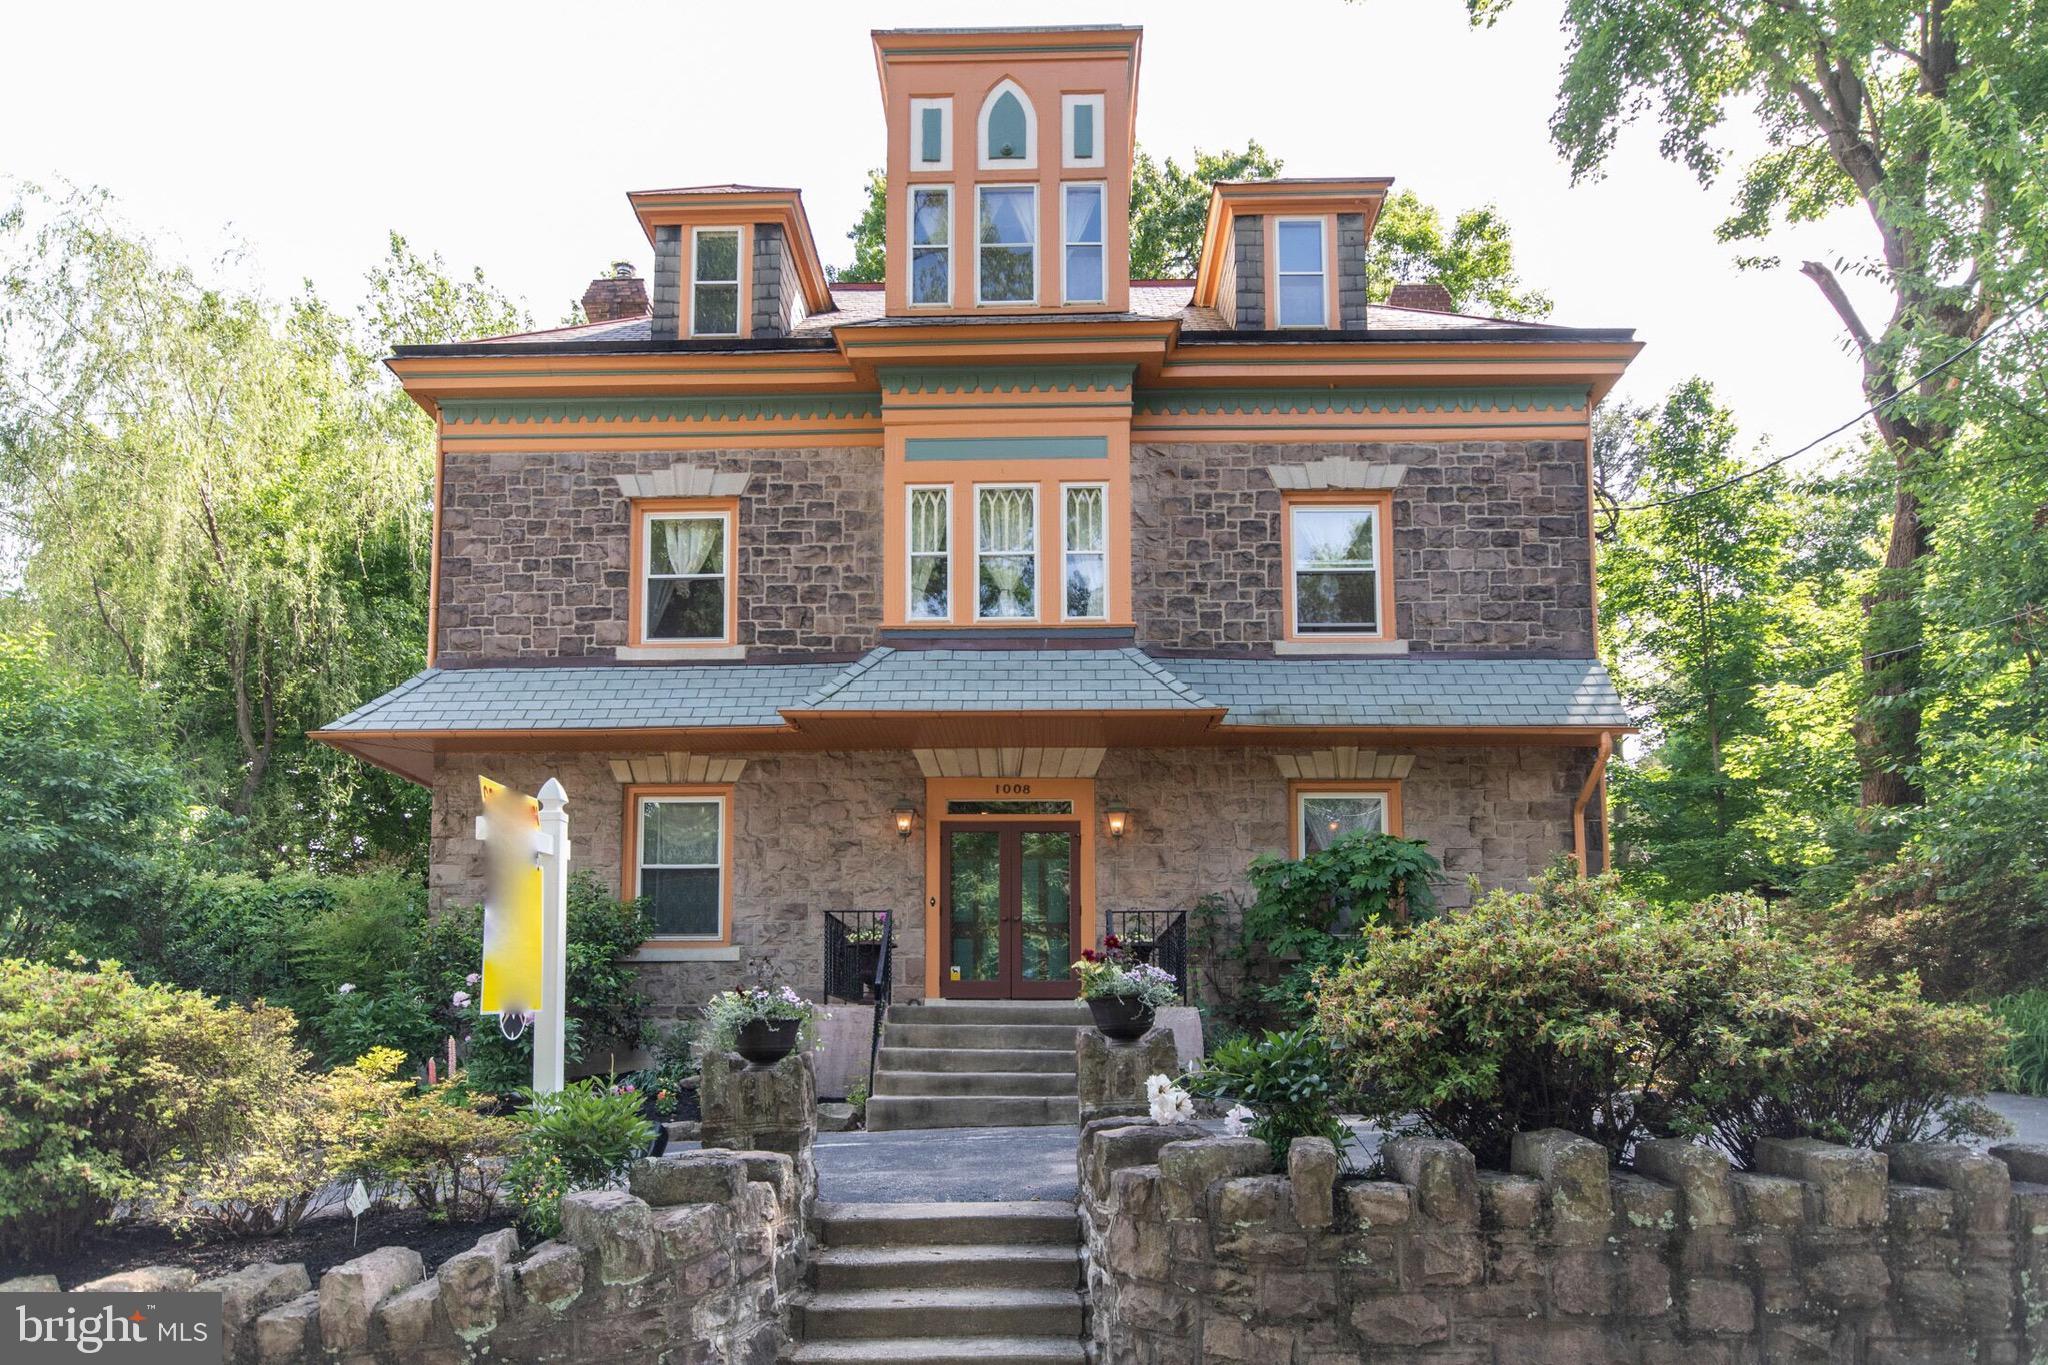 1008 STRATFORD AVENUE, ELKINS PARK, PA 19027